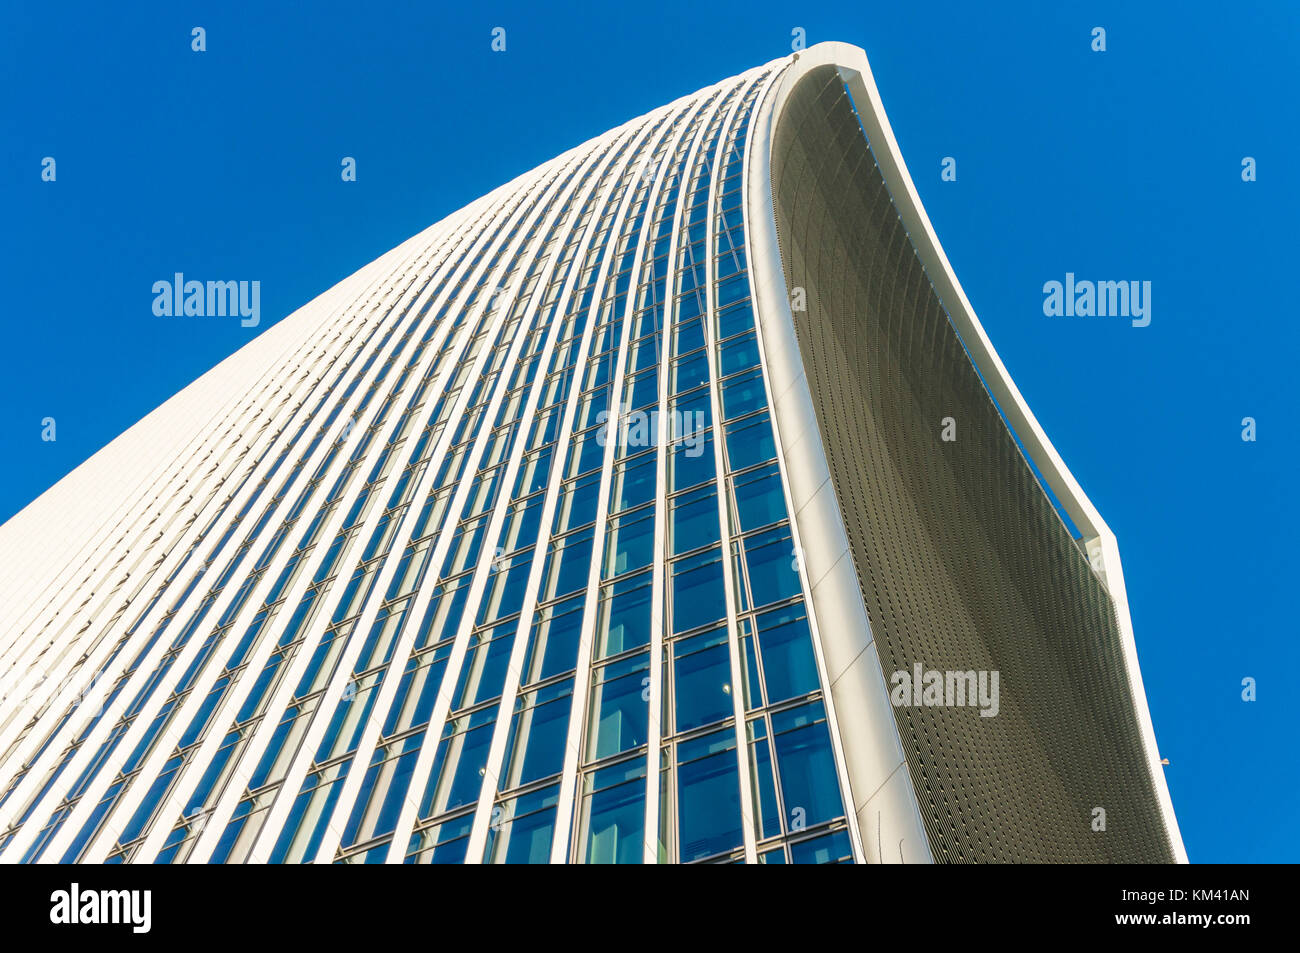 Angleterre Londres Angleterre ville de Londres l'édifice, catégorie gratte-ciel ou talkie walkie 20 Photo Stock